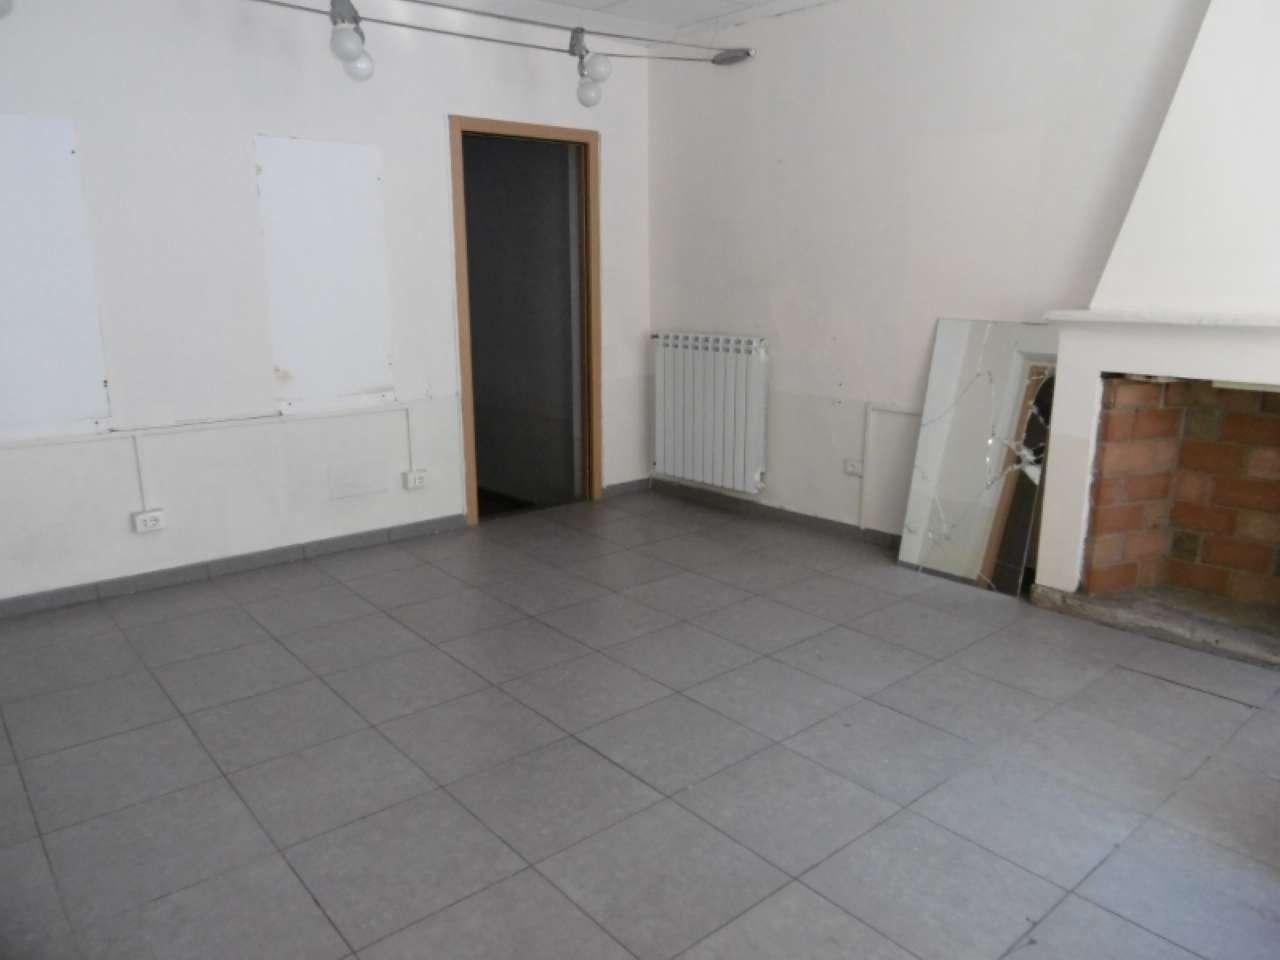 Negozio / Locale in affitto a Pavia, 3 locali, prezzo € 950 | CambioCasa.it